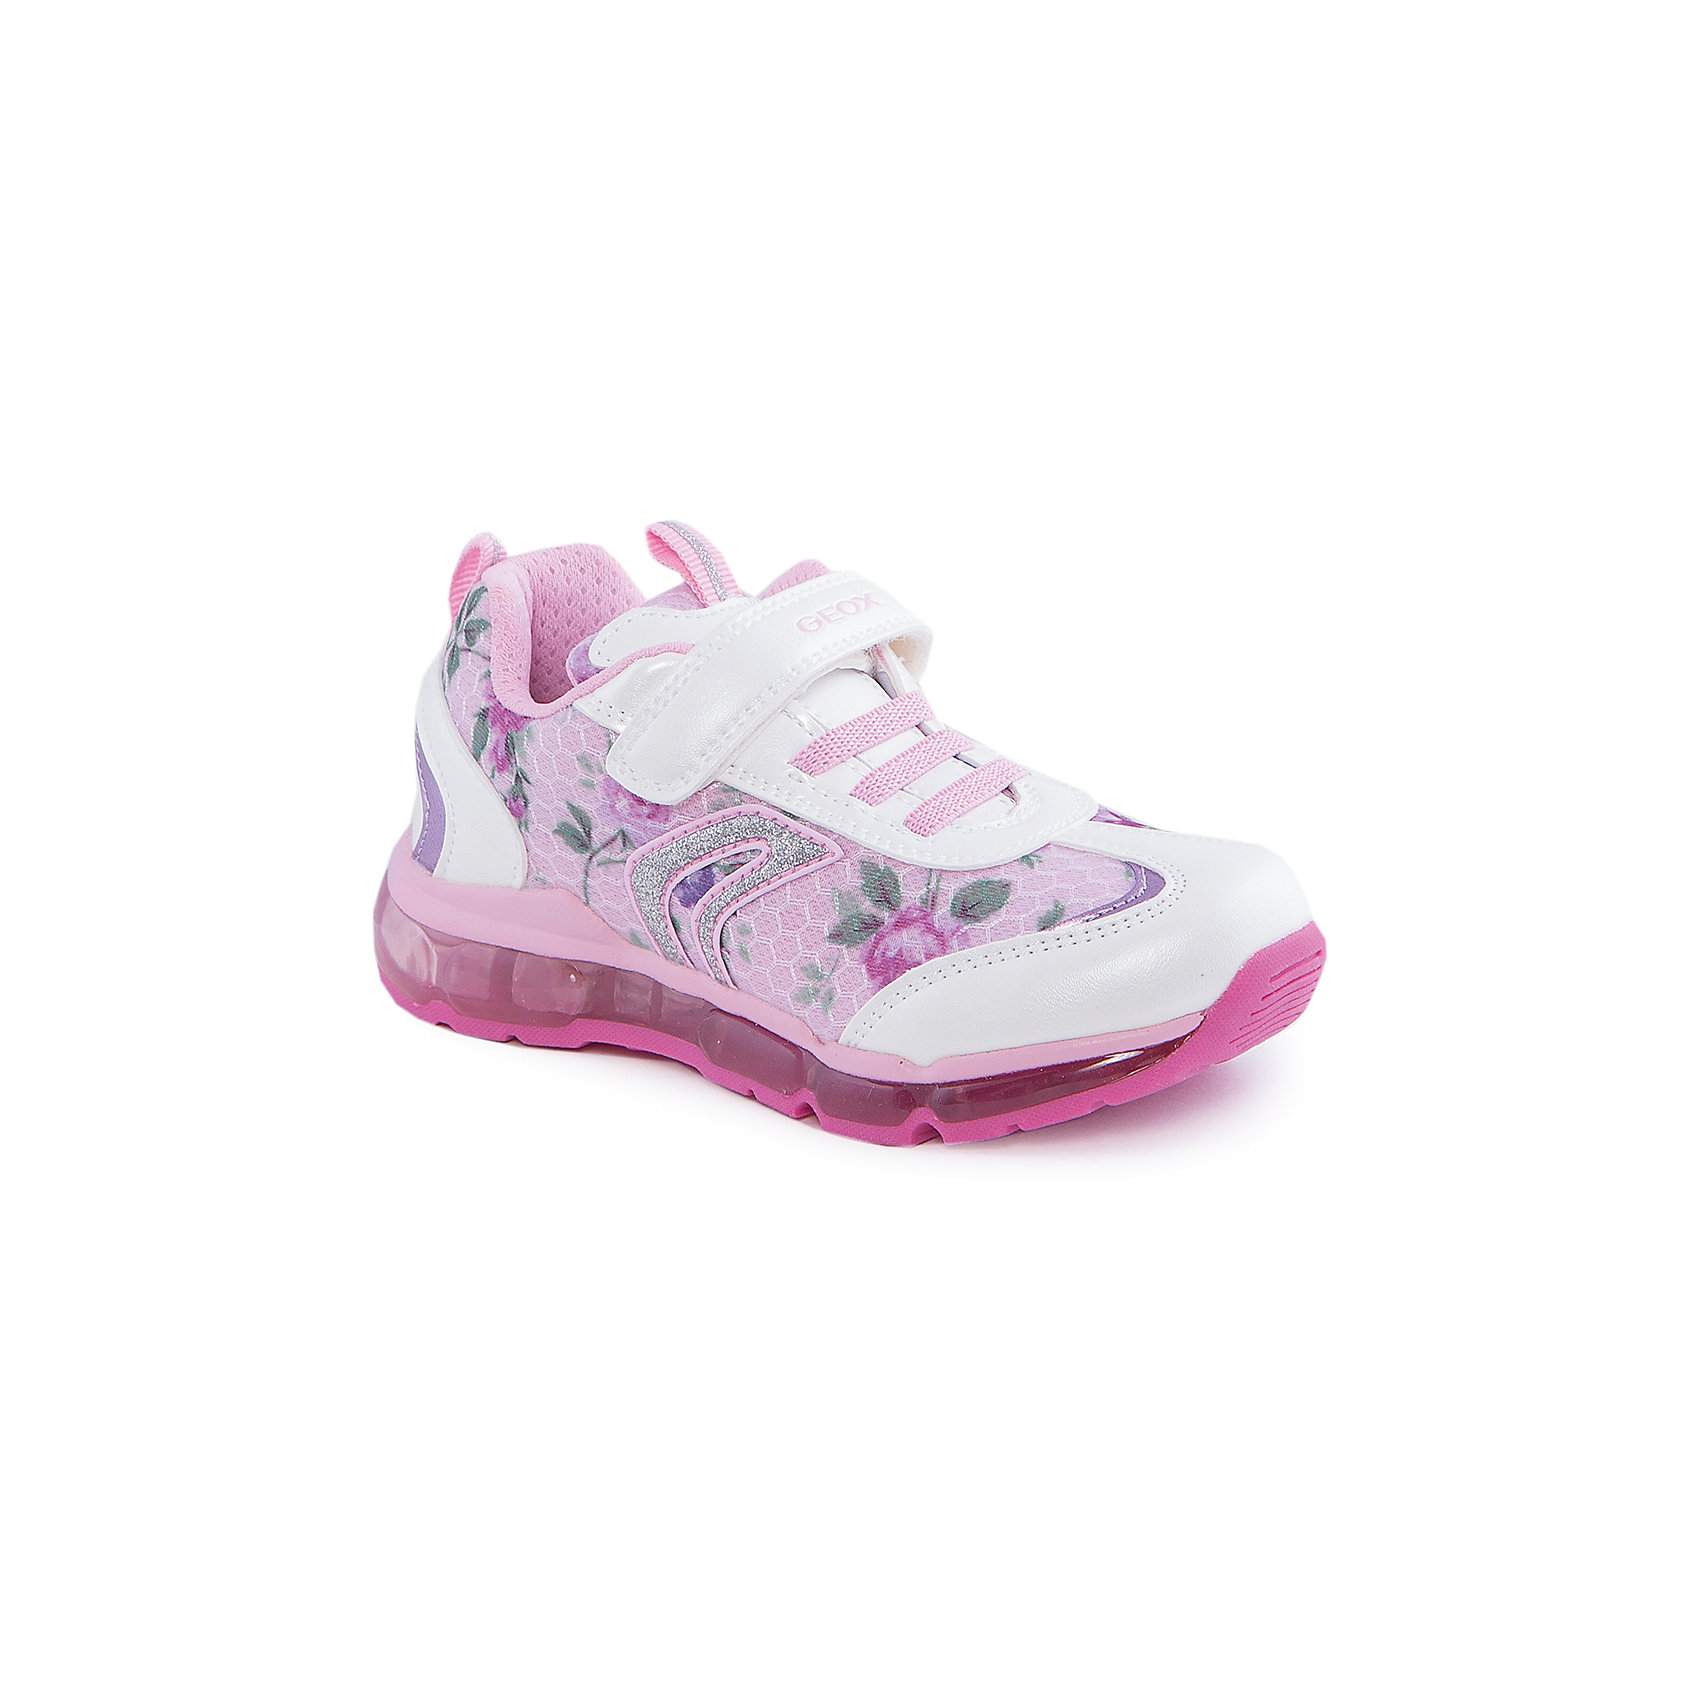 Кроссовки со светодиодами для девочки GEOXКроссовки для девочки от популярной марки GEOX (Геокс).<br><br>Яркие розовые кроссовки - отличная обувь для нового весеннего сезона. Модель очень стильно и оригинально смотрится.<br>Производитель обуви заботится не только о внешнем виде, но и стабильно высоком качестве продукции. GEOX (Геокс) разработал специальную дышащую подошву, которая не пропускает влагу внутрь, а также высокотехнологичную стельку.<br><br>Отличительные особенности модели:<br><br>- цвет: розовый;<br>- украшены принтом, белыми и серебристыми элементами;<br>- гибкая водоотталкивающая подошва с дышащей мембраной;<br>- мягкий и легкий верх;<br>- защита пальцев и пятки;<br>- стильный дизайн;<br>- удобная застежка-липучка, шнуровка;<br>- комфортное облегание;<br>- верх обуви и подкладка сделаны без использования хрома.<br><br>Дополнительная информация:<br><br>- Температурный режим: от +10° С до 25° С.<br><br>- Состав:<br><br>материал верха: текстиль, синтетический материал<br>материал подкладки: текстиль<br>подошва: 100% резина<br><br>Кроссовки для девочки GEOX (Геокс) (Геокс) можно купить в нашем магазине.<br><br>Ширина мм: 250<br>Глубина мм: 150<br>Высота мм: 150<br>Вес г: 250<br>Цвет: белый<br>Возраст от месяцев: 72<br>Возраст до месяцев: 84<br>Пол: Женский<br>Возраст: Детский<br>Размер: 30,28,35,32,33,34,31,29,26,27<br>SKU: 4519467